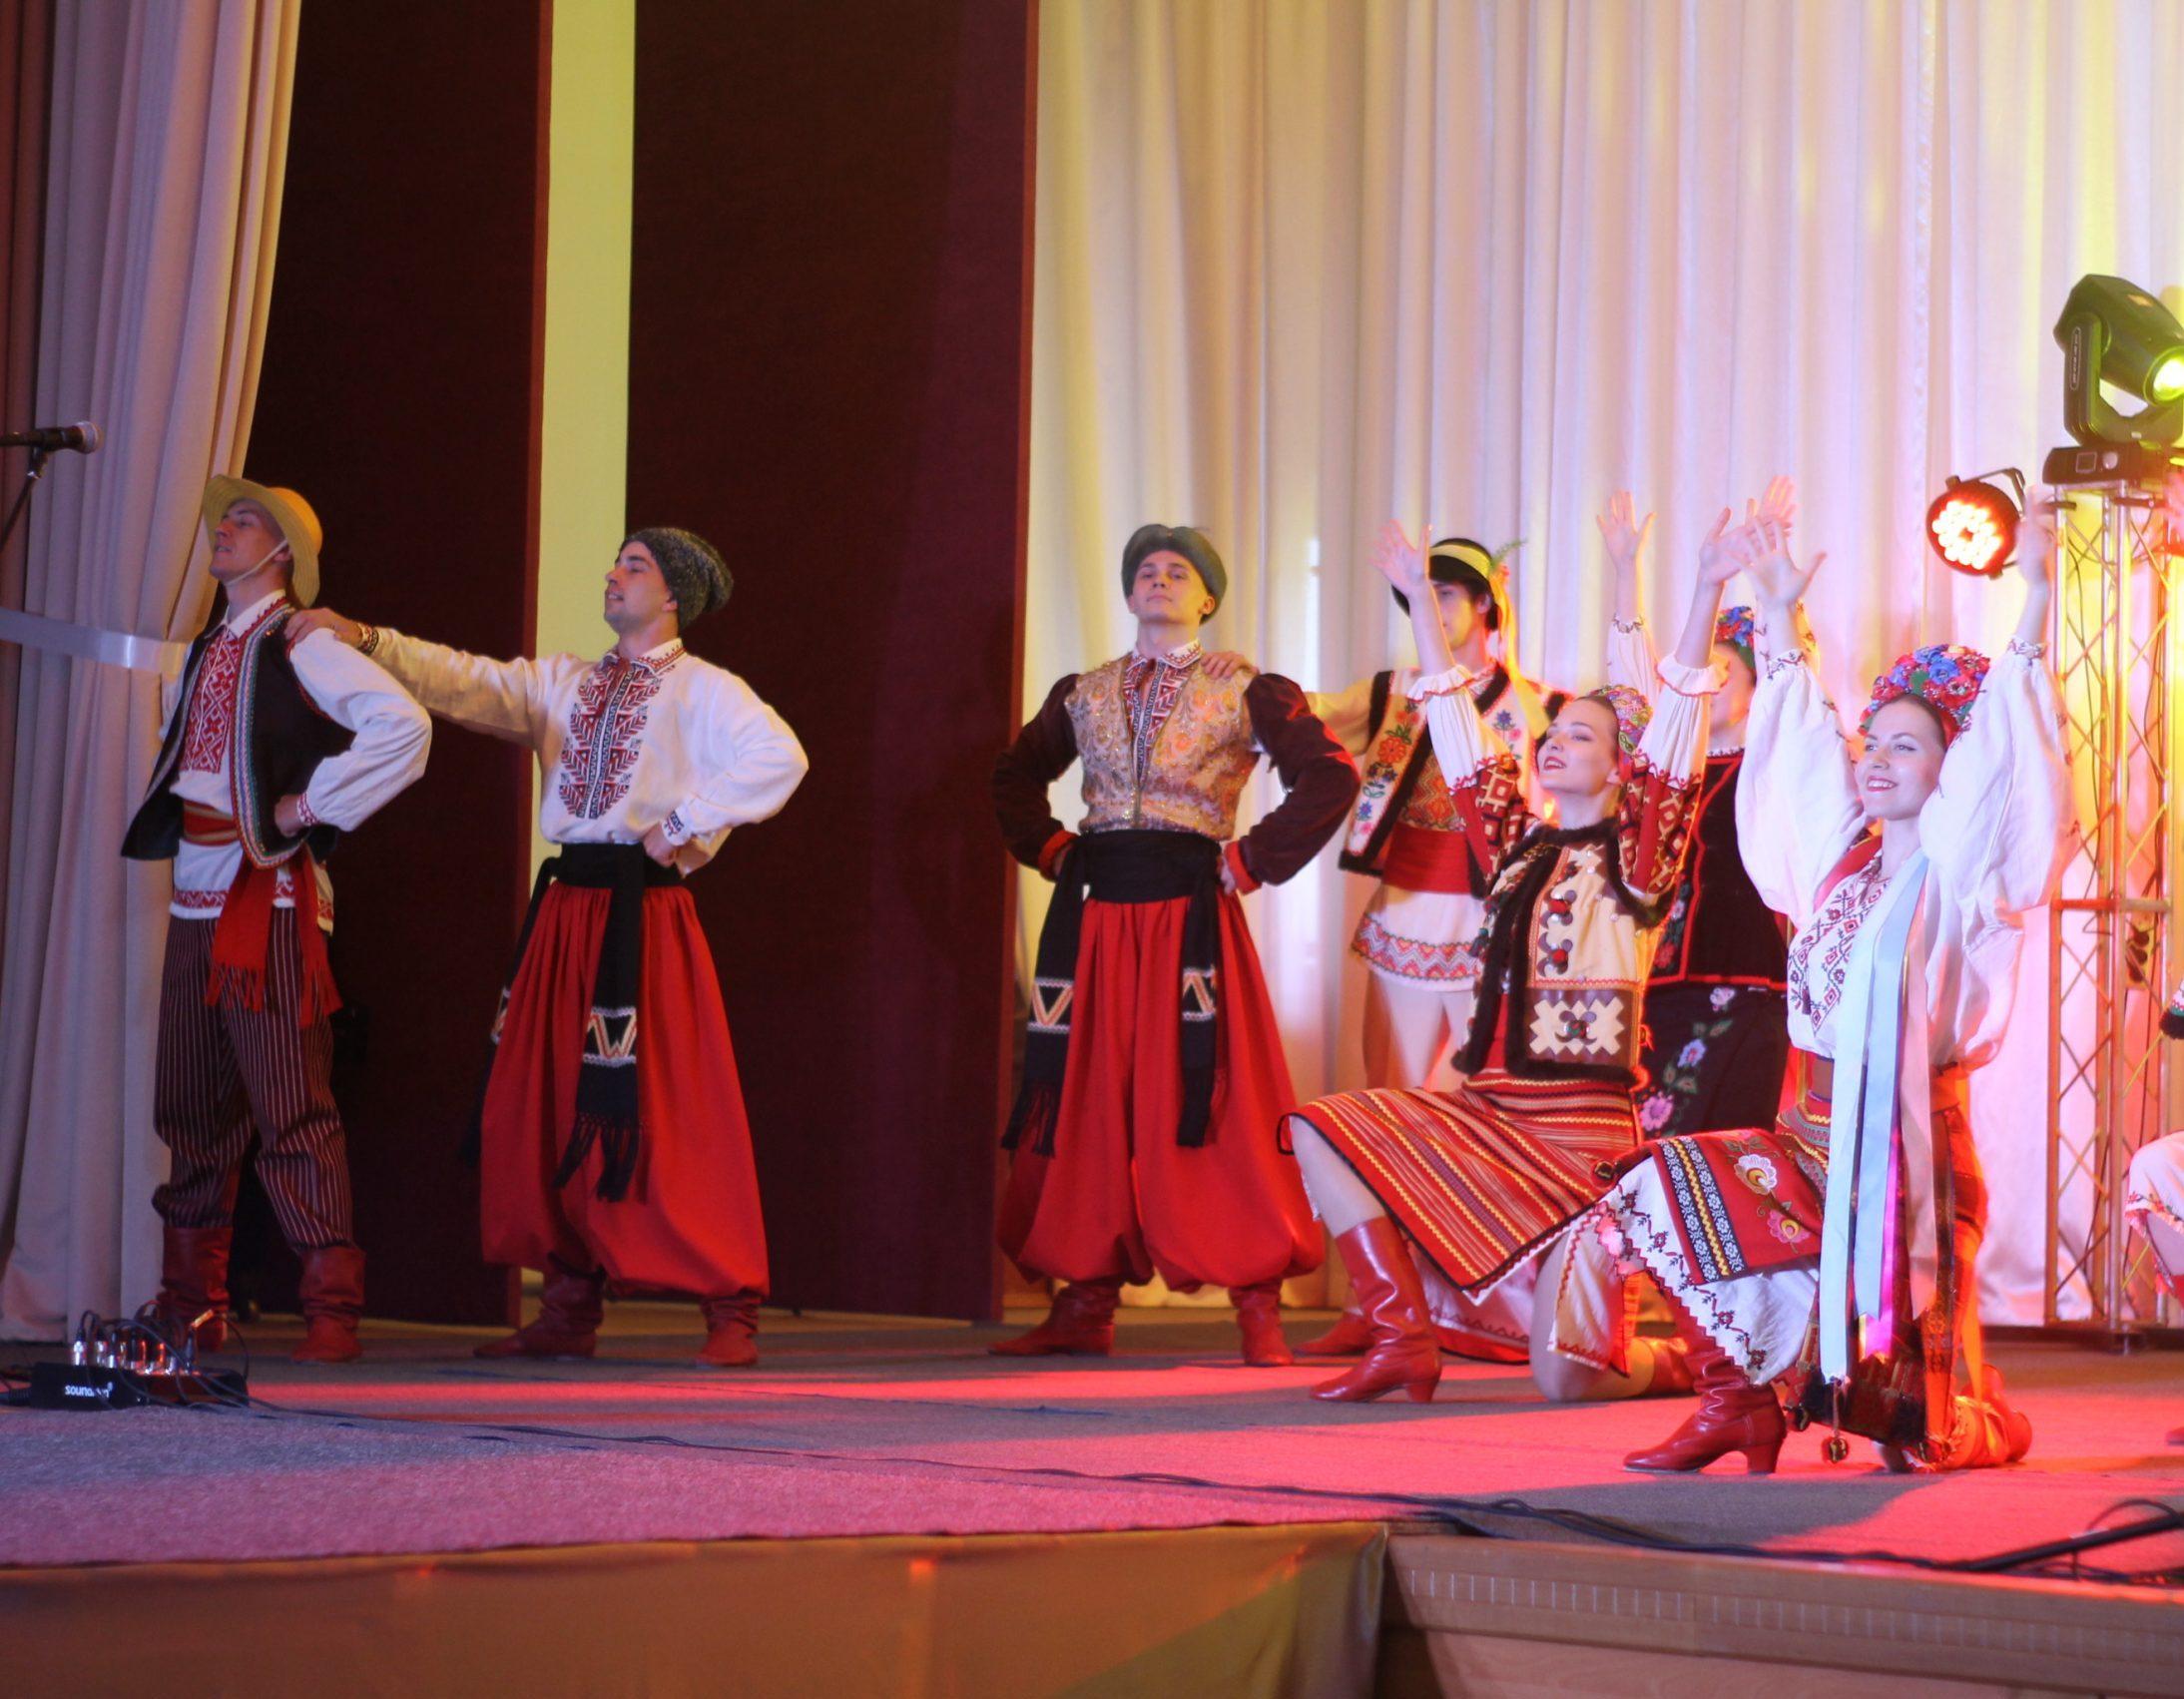 Відбувся благодійний концерт на підтримку черкаської співачки (ФОТО)